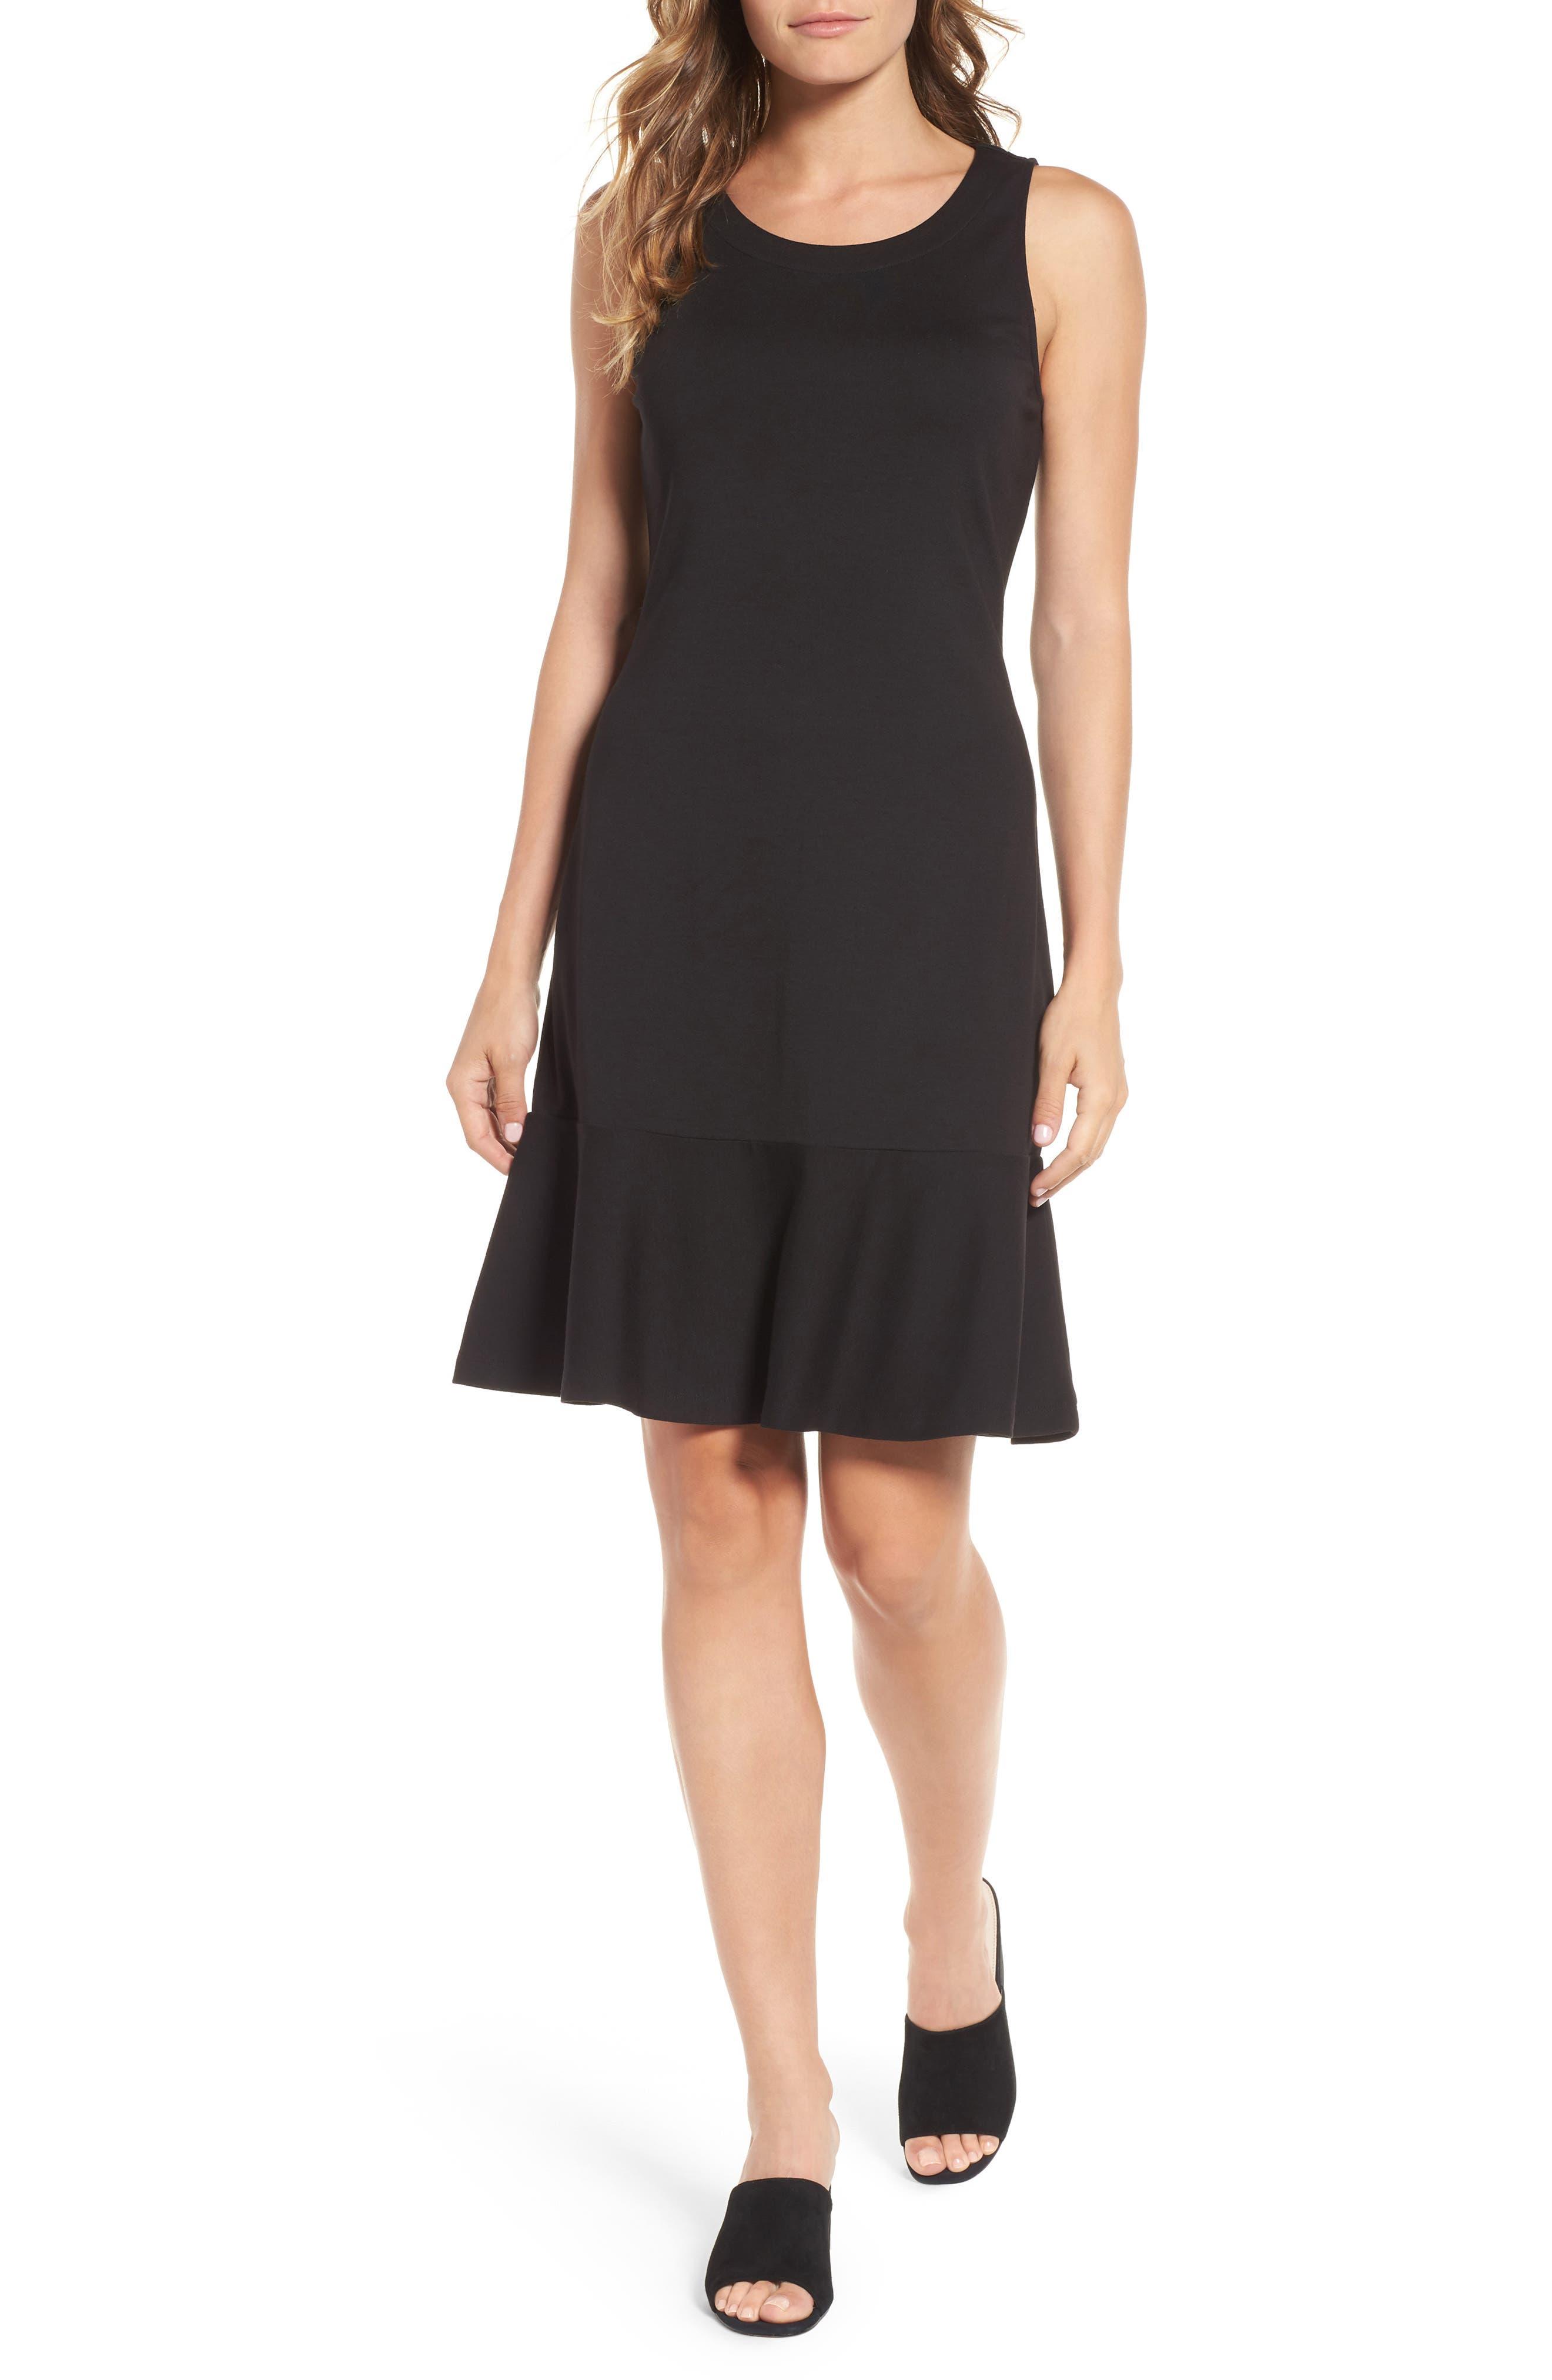 Ponte Knit A-Line Dress,                             Main thumbnail 1, color,                             Black